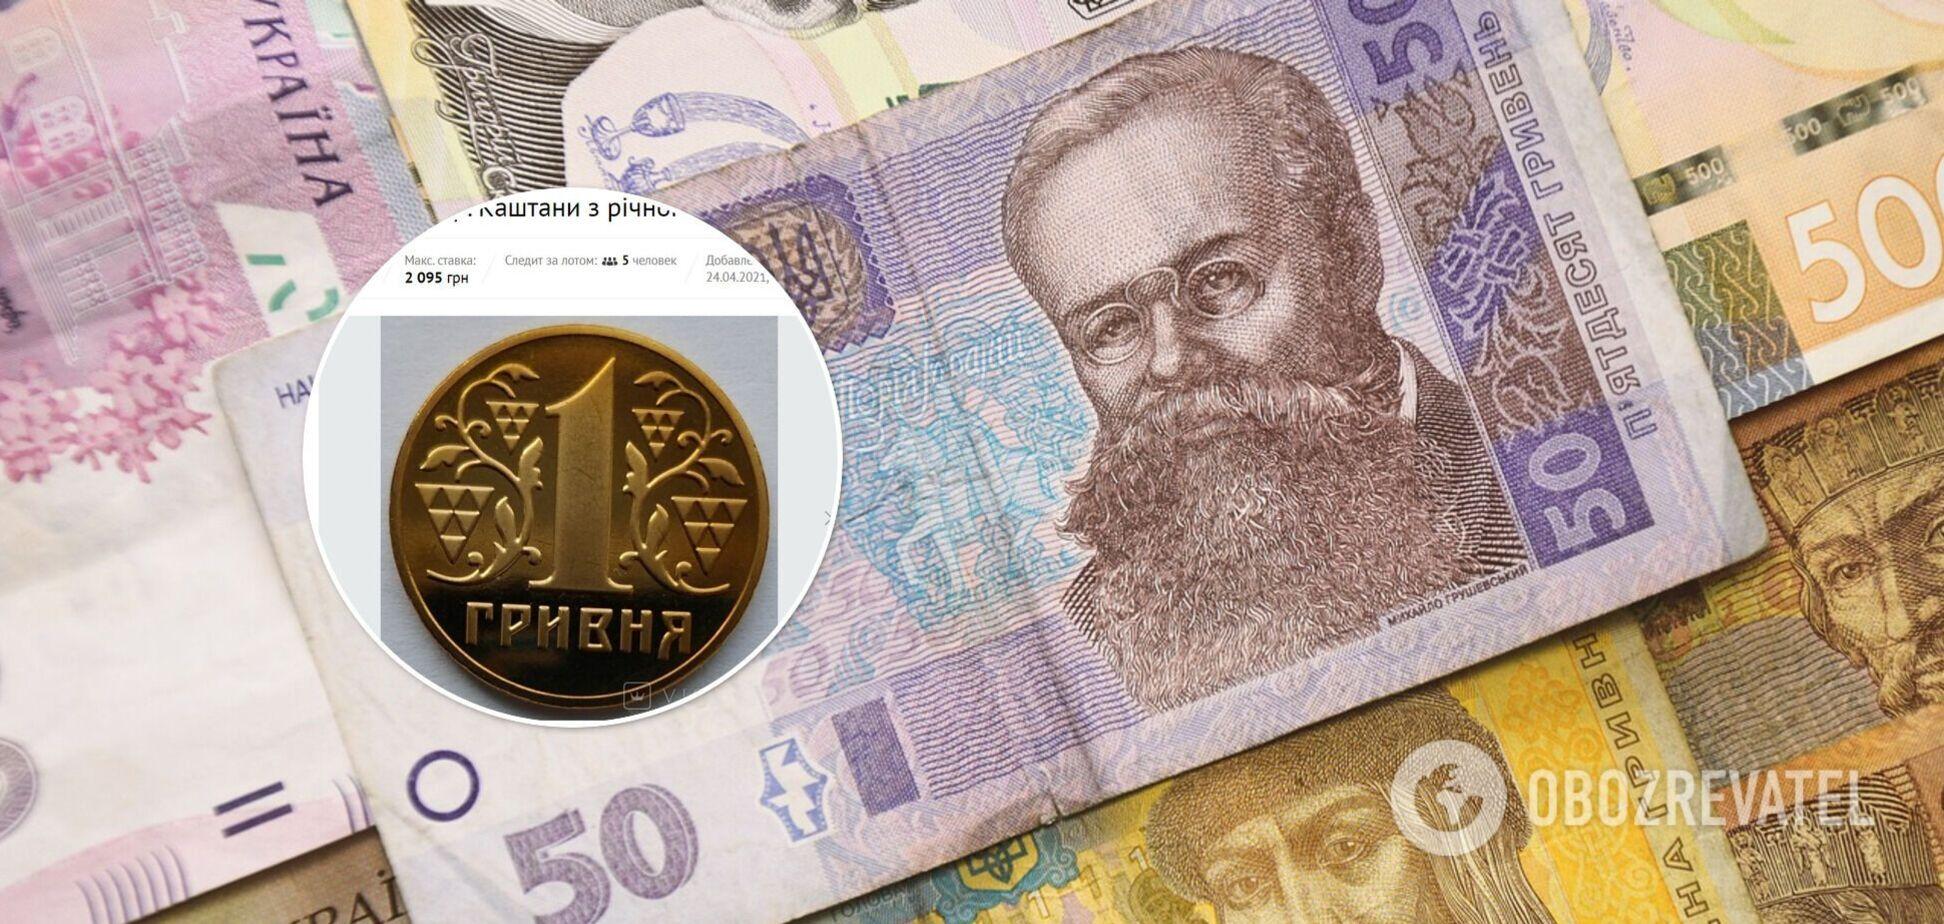 Українці продають сучасні копійки за тисячі гривень: які монети шукати